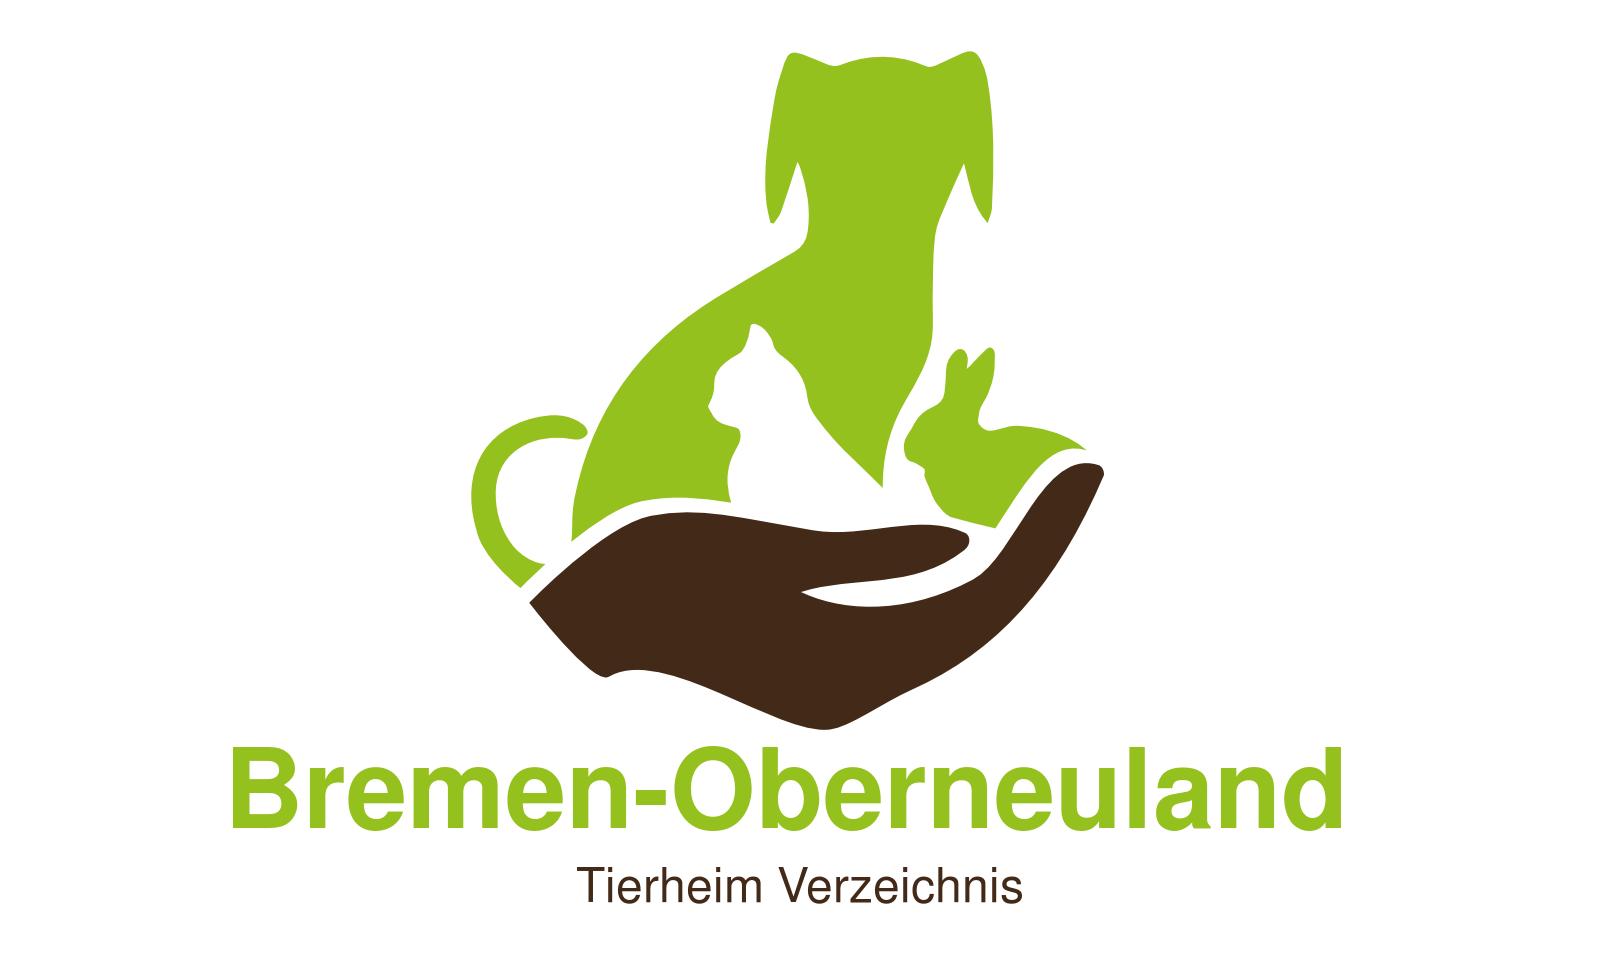 Tierheim Bremen Oberneuland